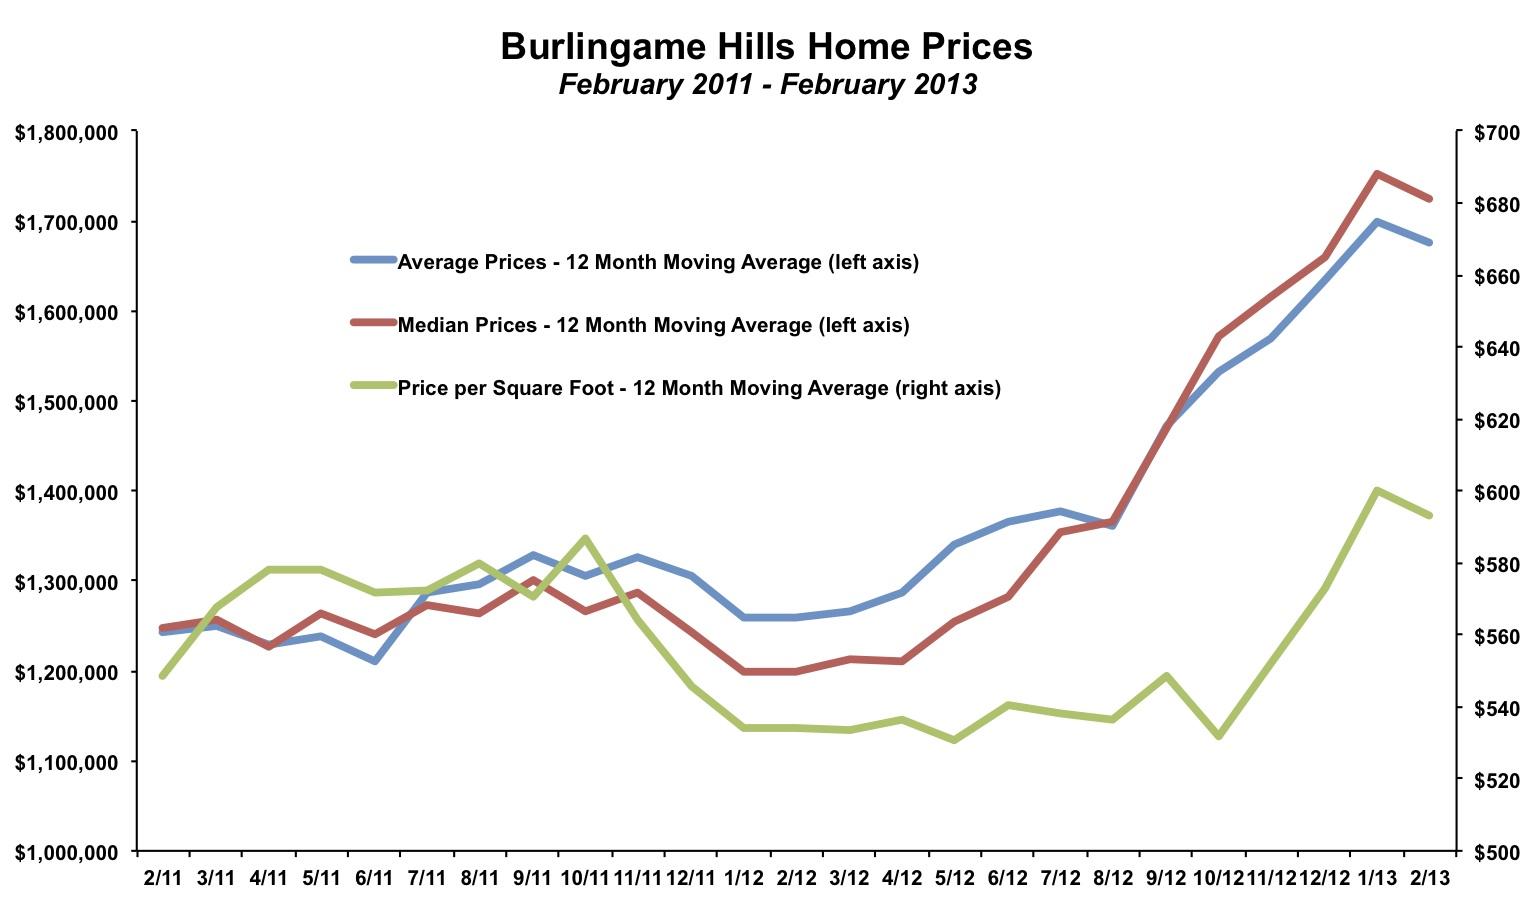 Burlingame Hills February 2013